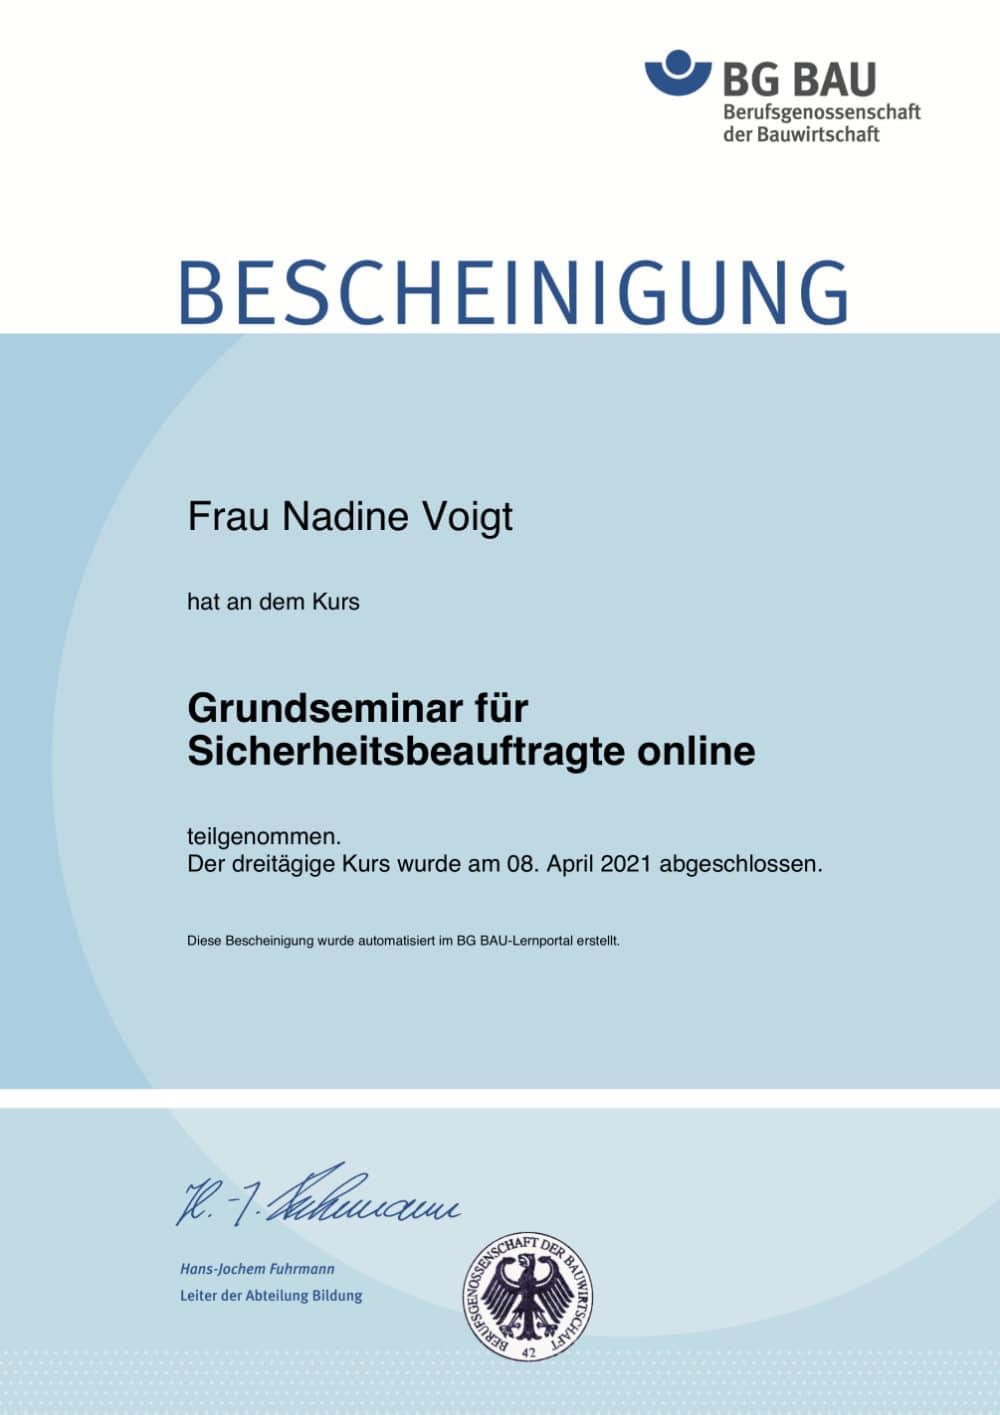 Zertifikat-Sicherheitsbeauftragte-BG-Bau